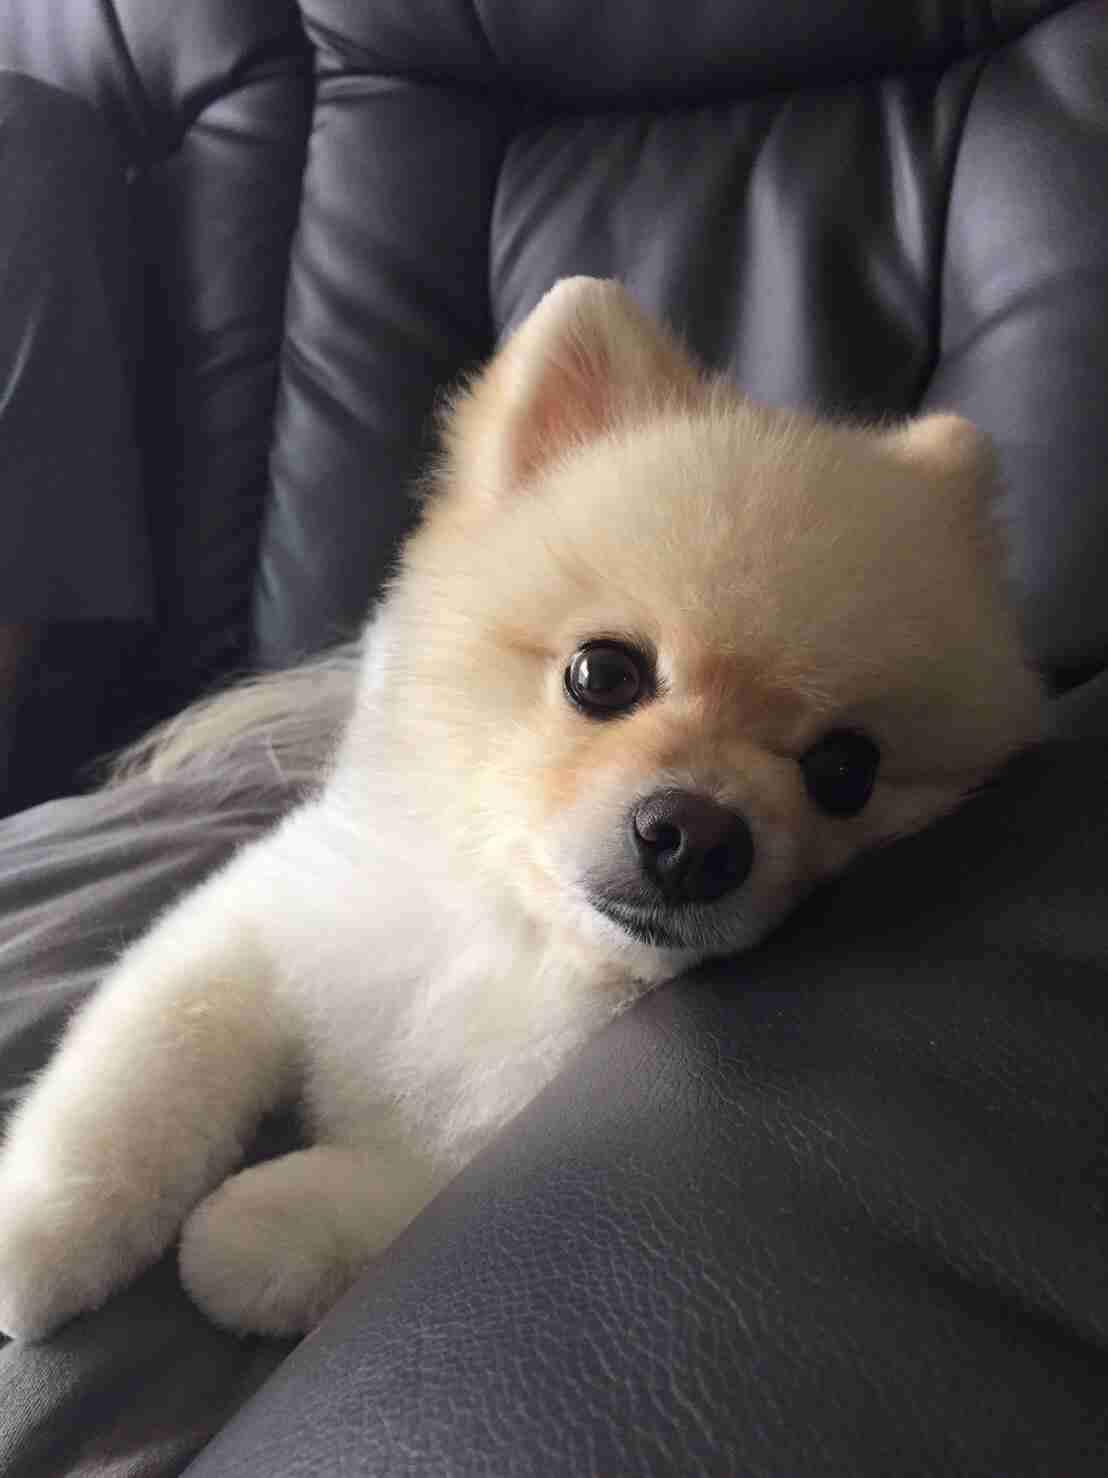 ペットの可愛いところを語るトピ